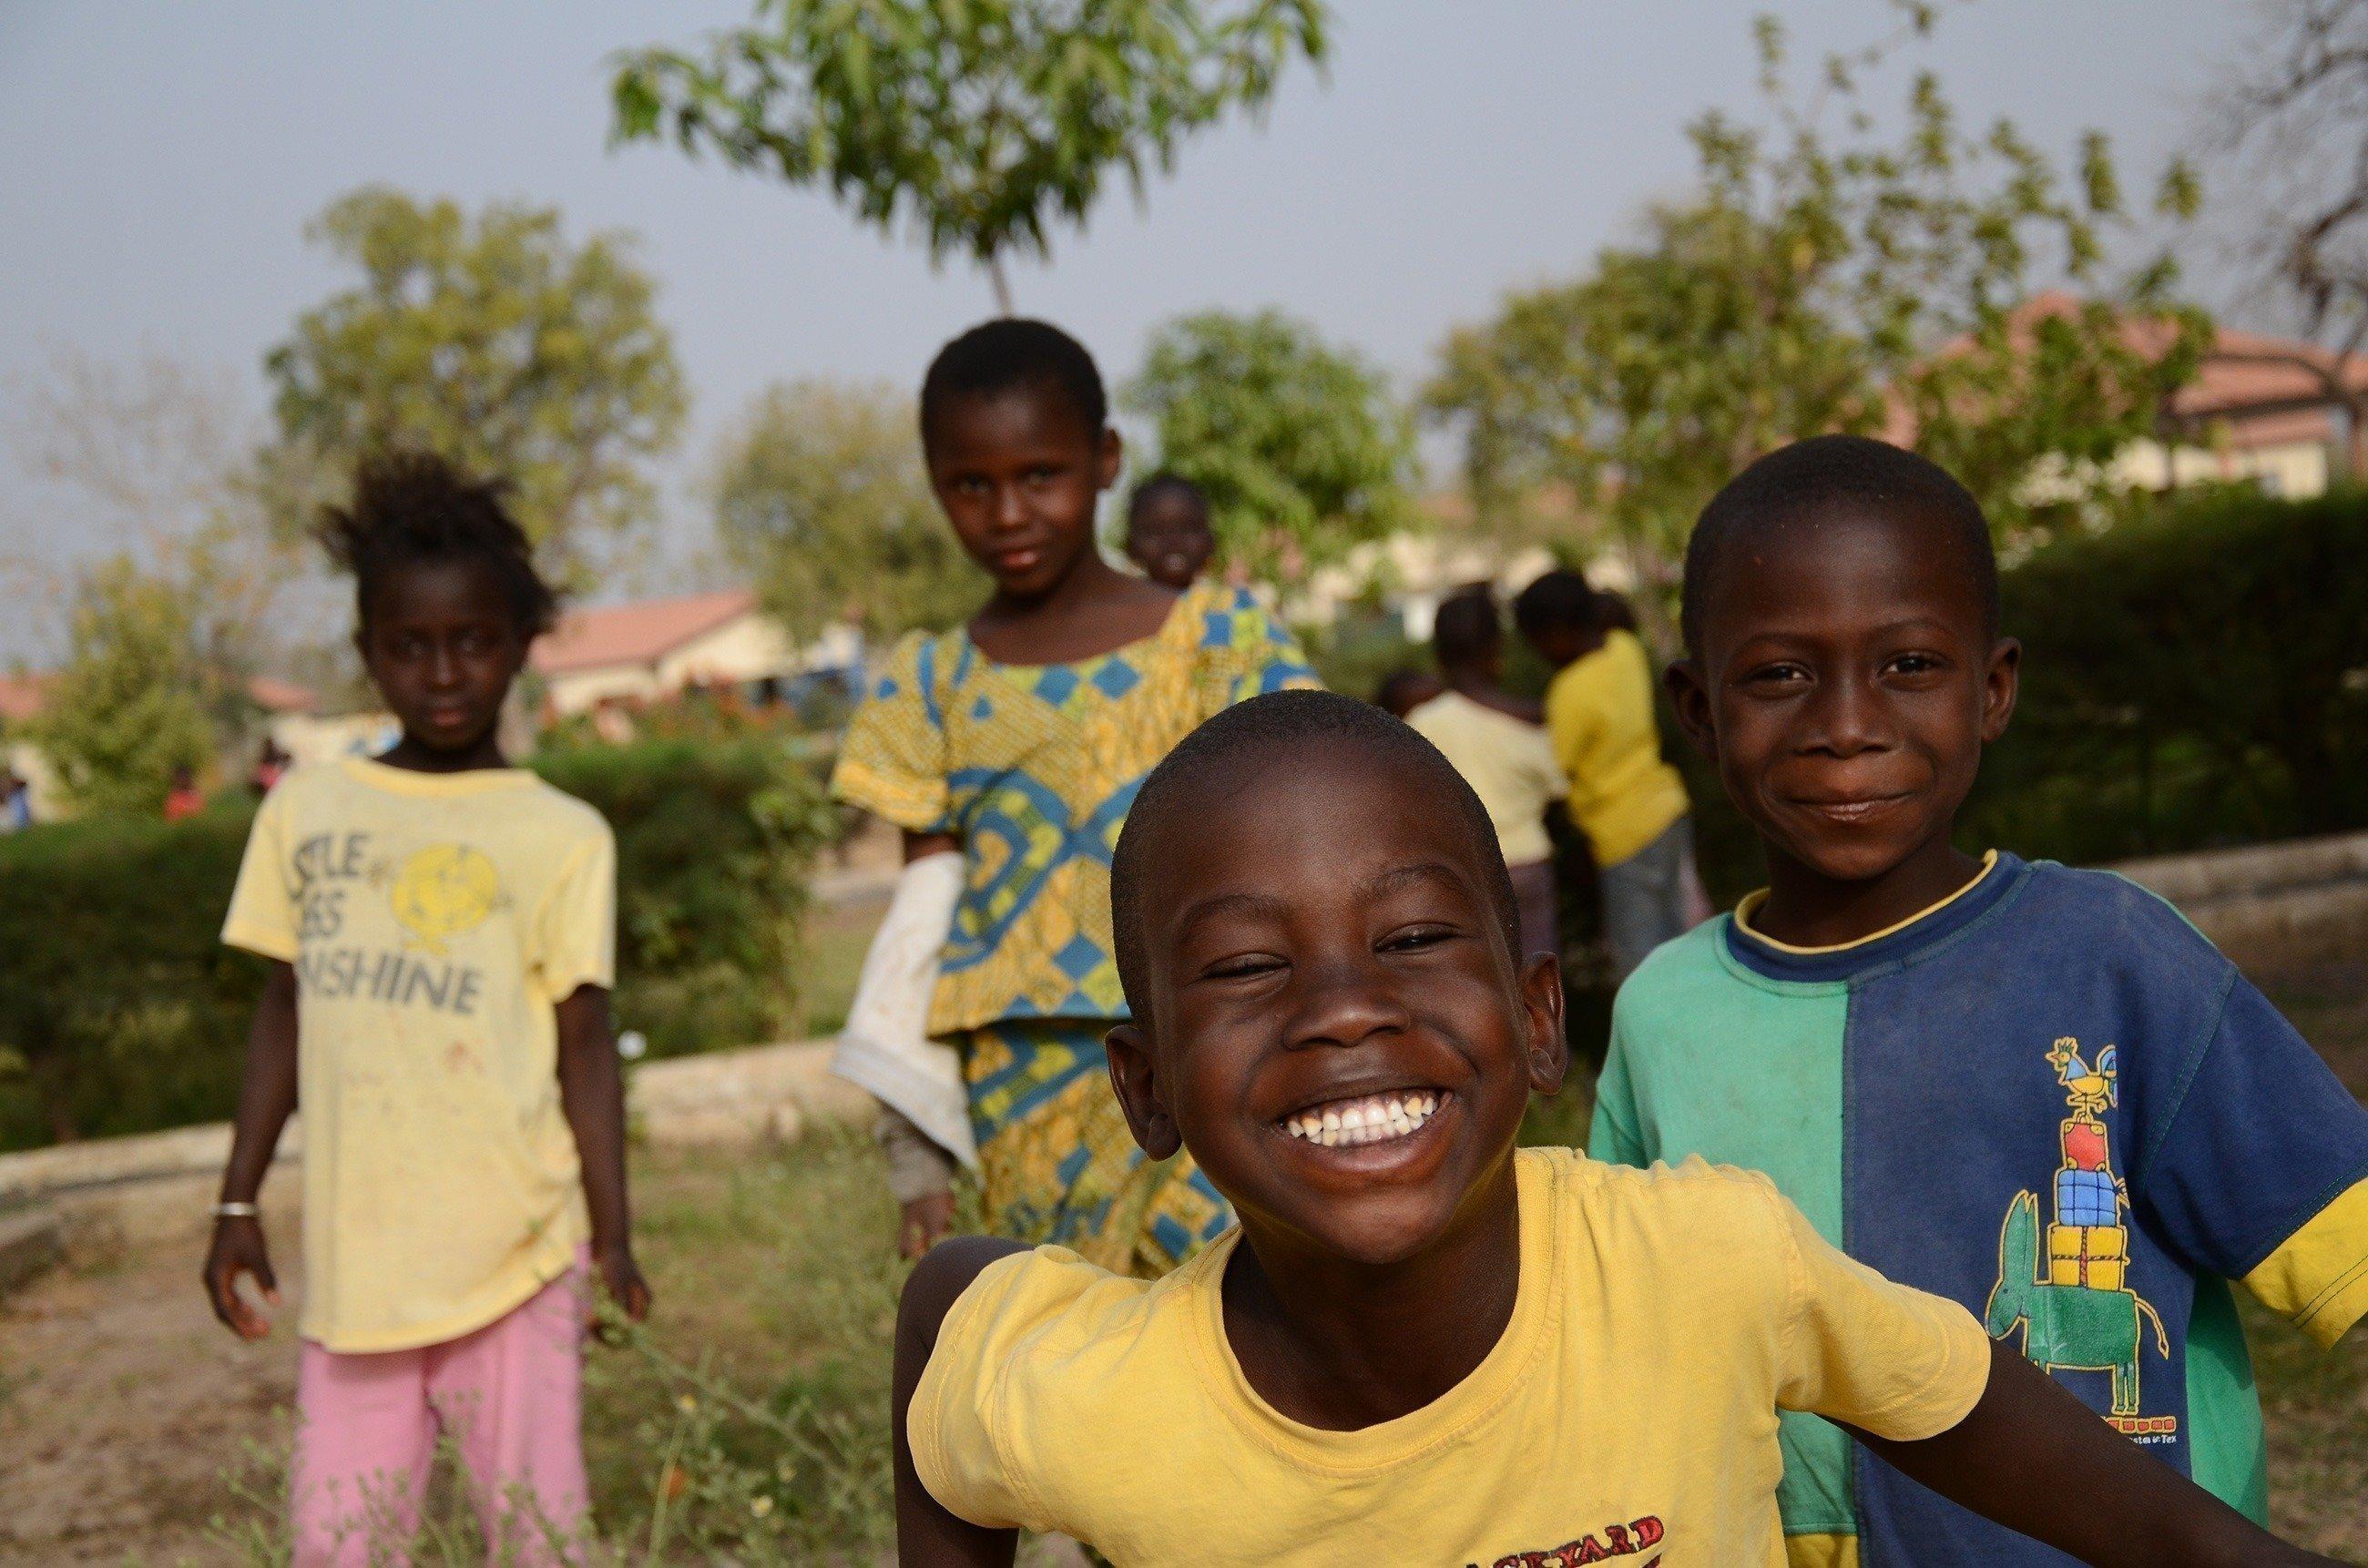 Viele lachende Kinder blicken in die Kamera.